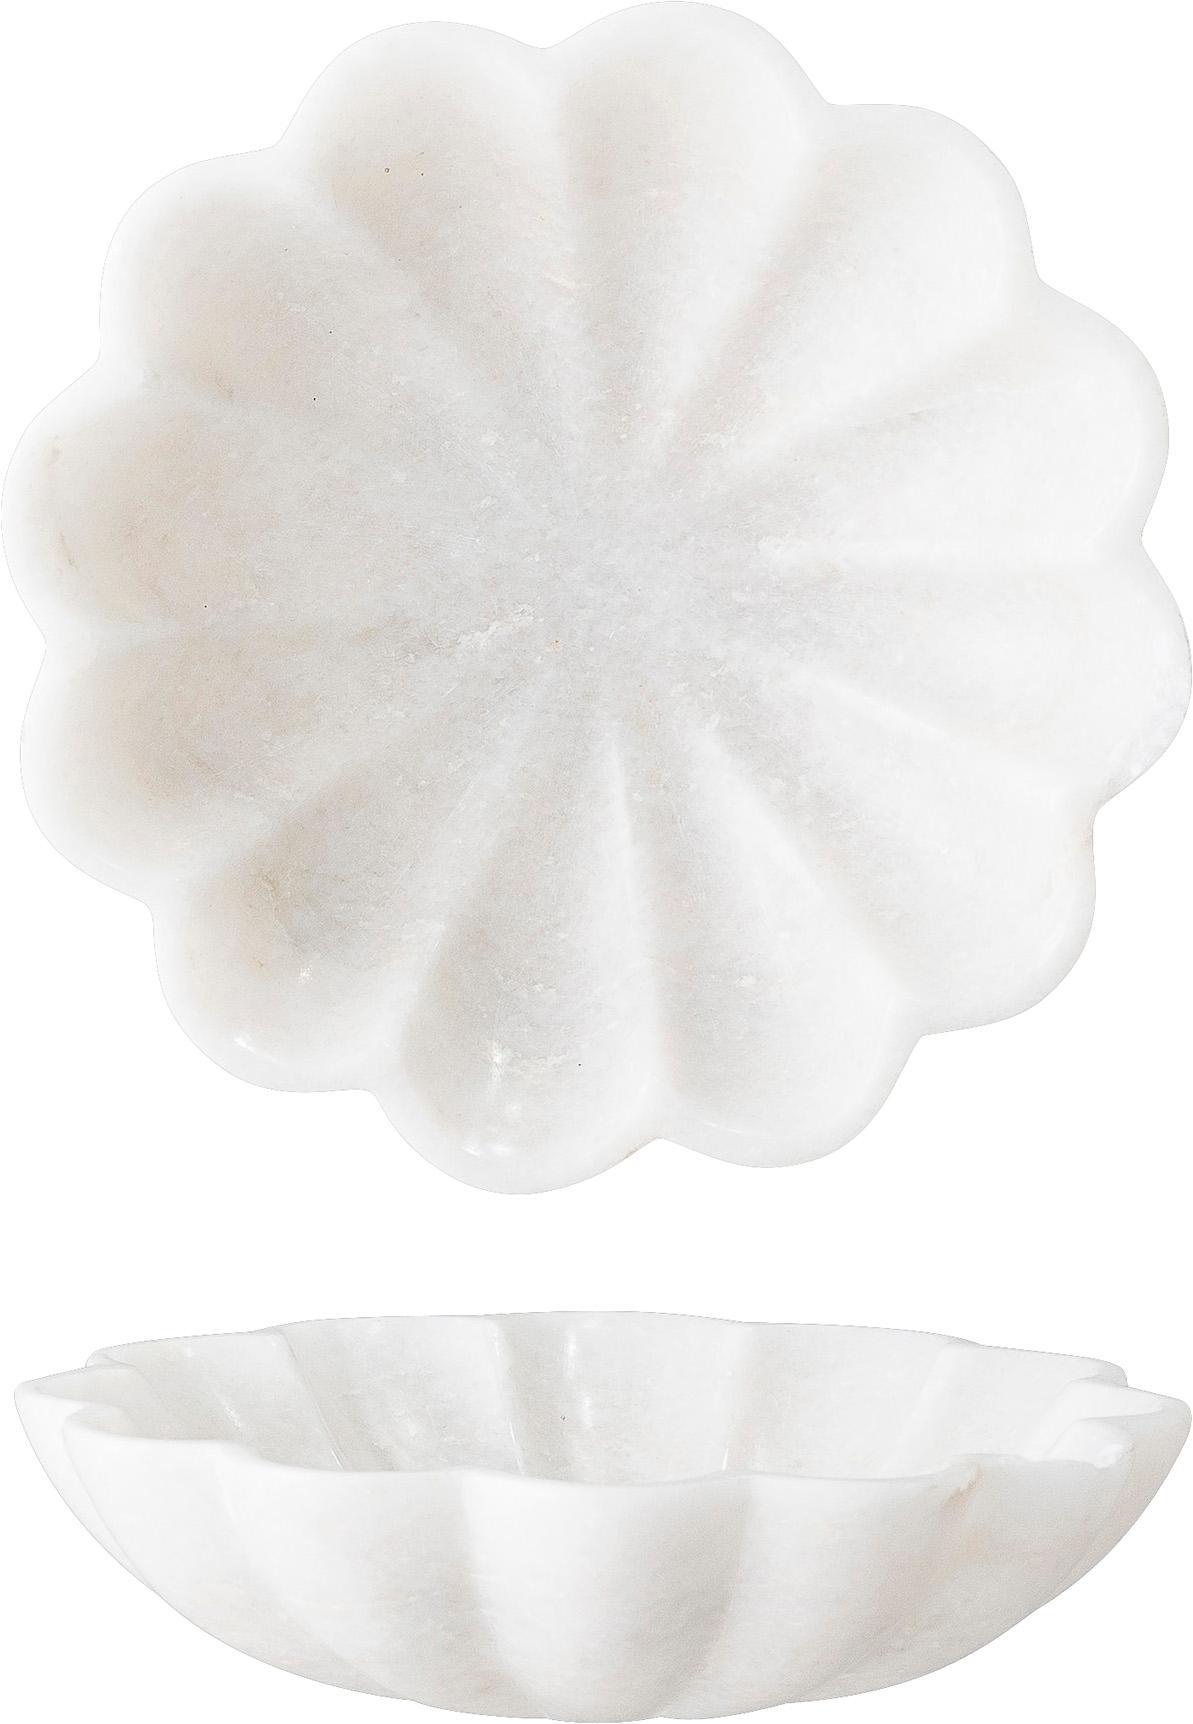 Marmor-Seifenschale Mussel, Marmor, Weiß, Ø 15 cm x H 4 cm